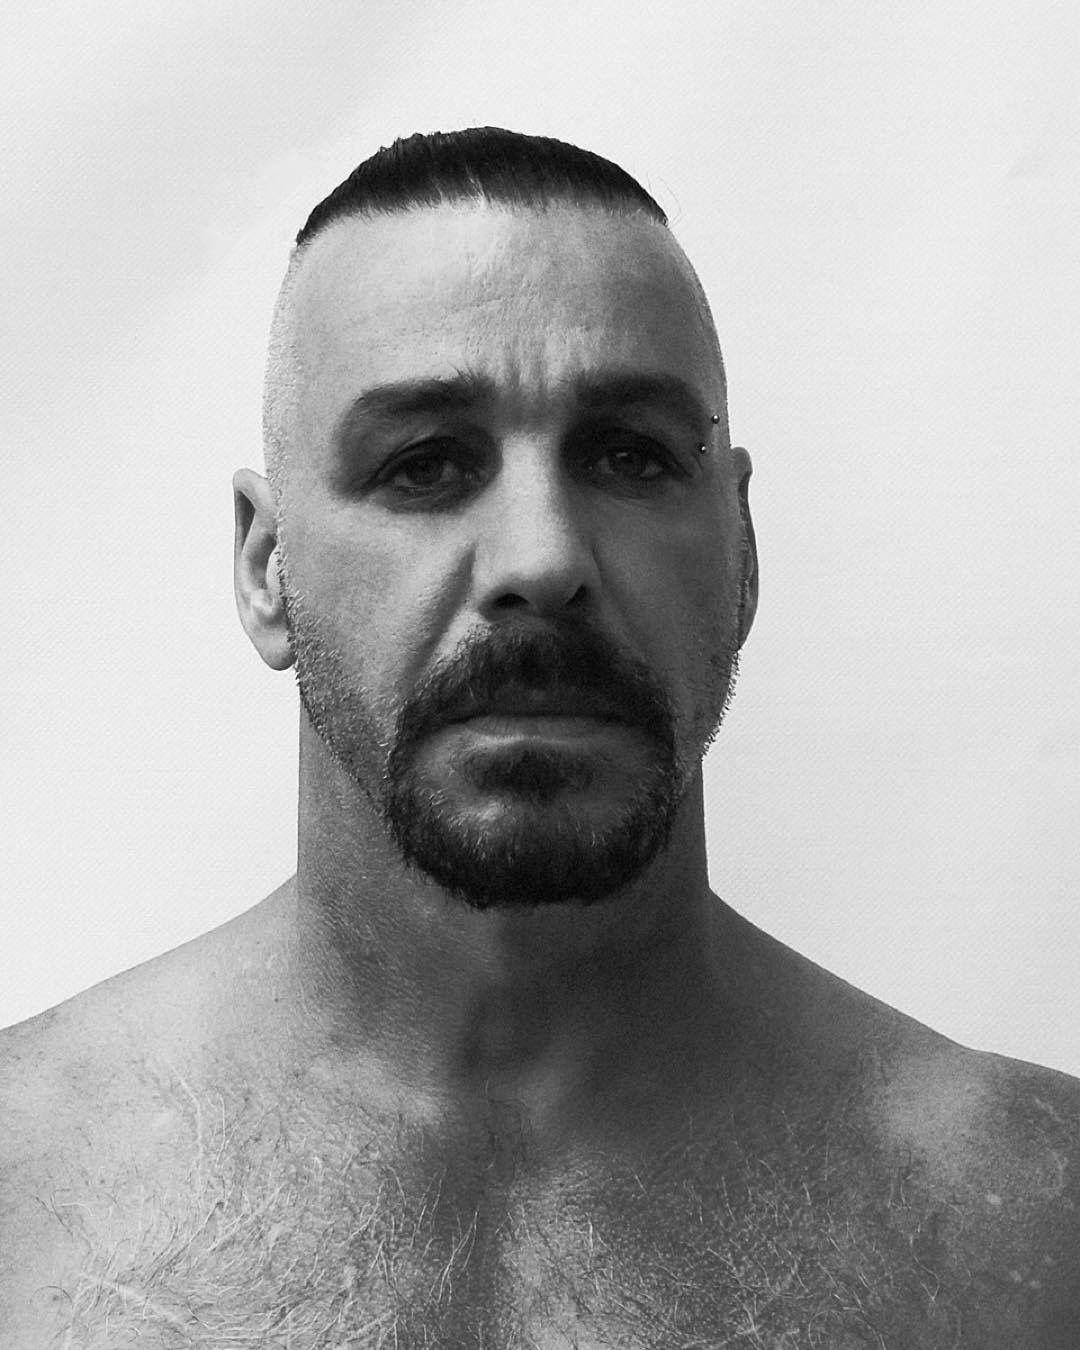 Till Lindemann Haircut : lindemann, haircut, Rammstein, Lindemann, Haircut